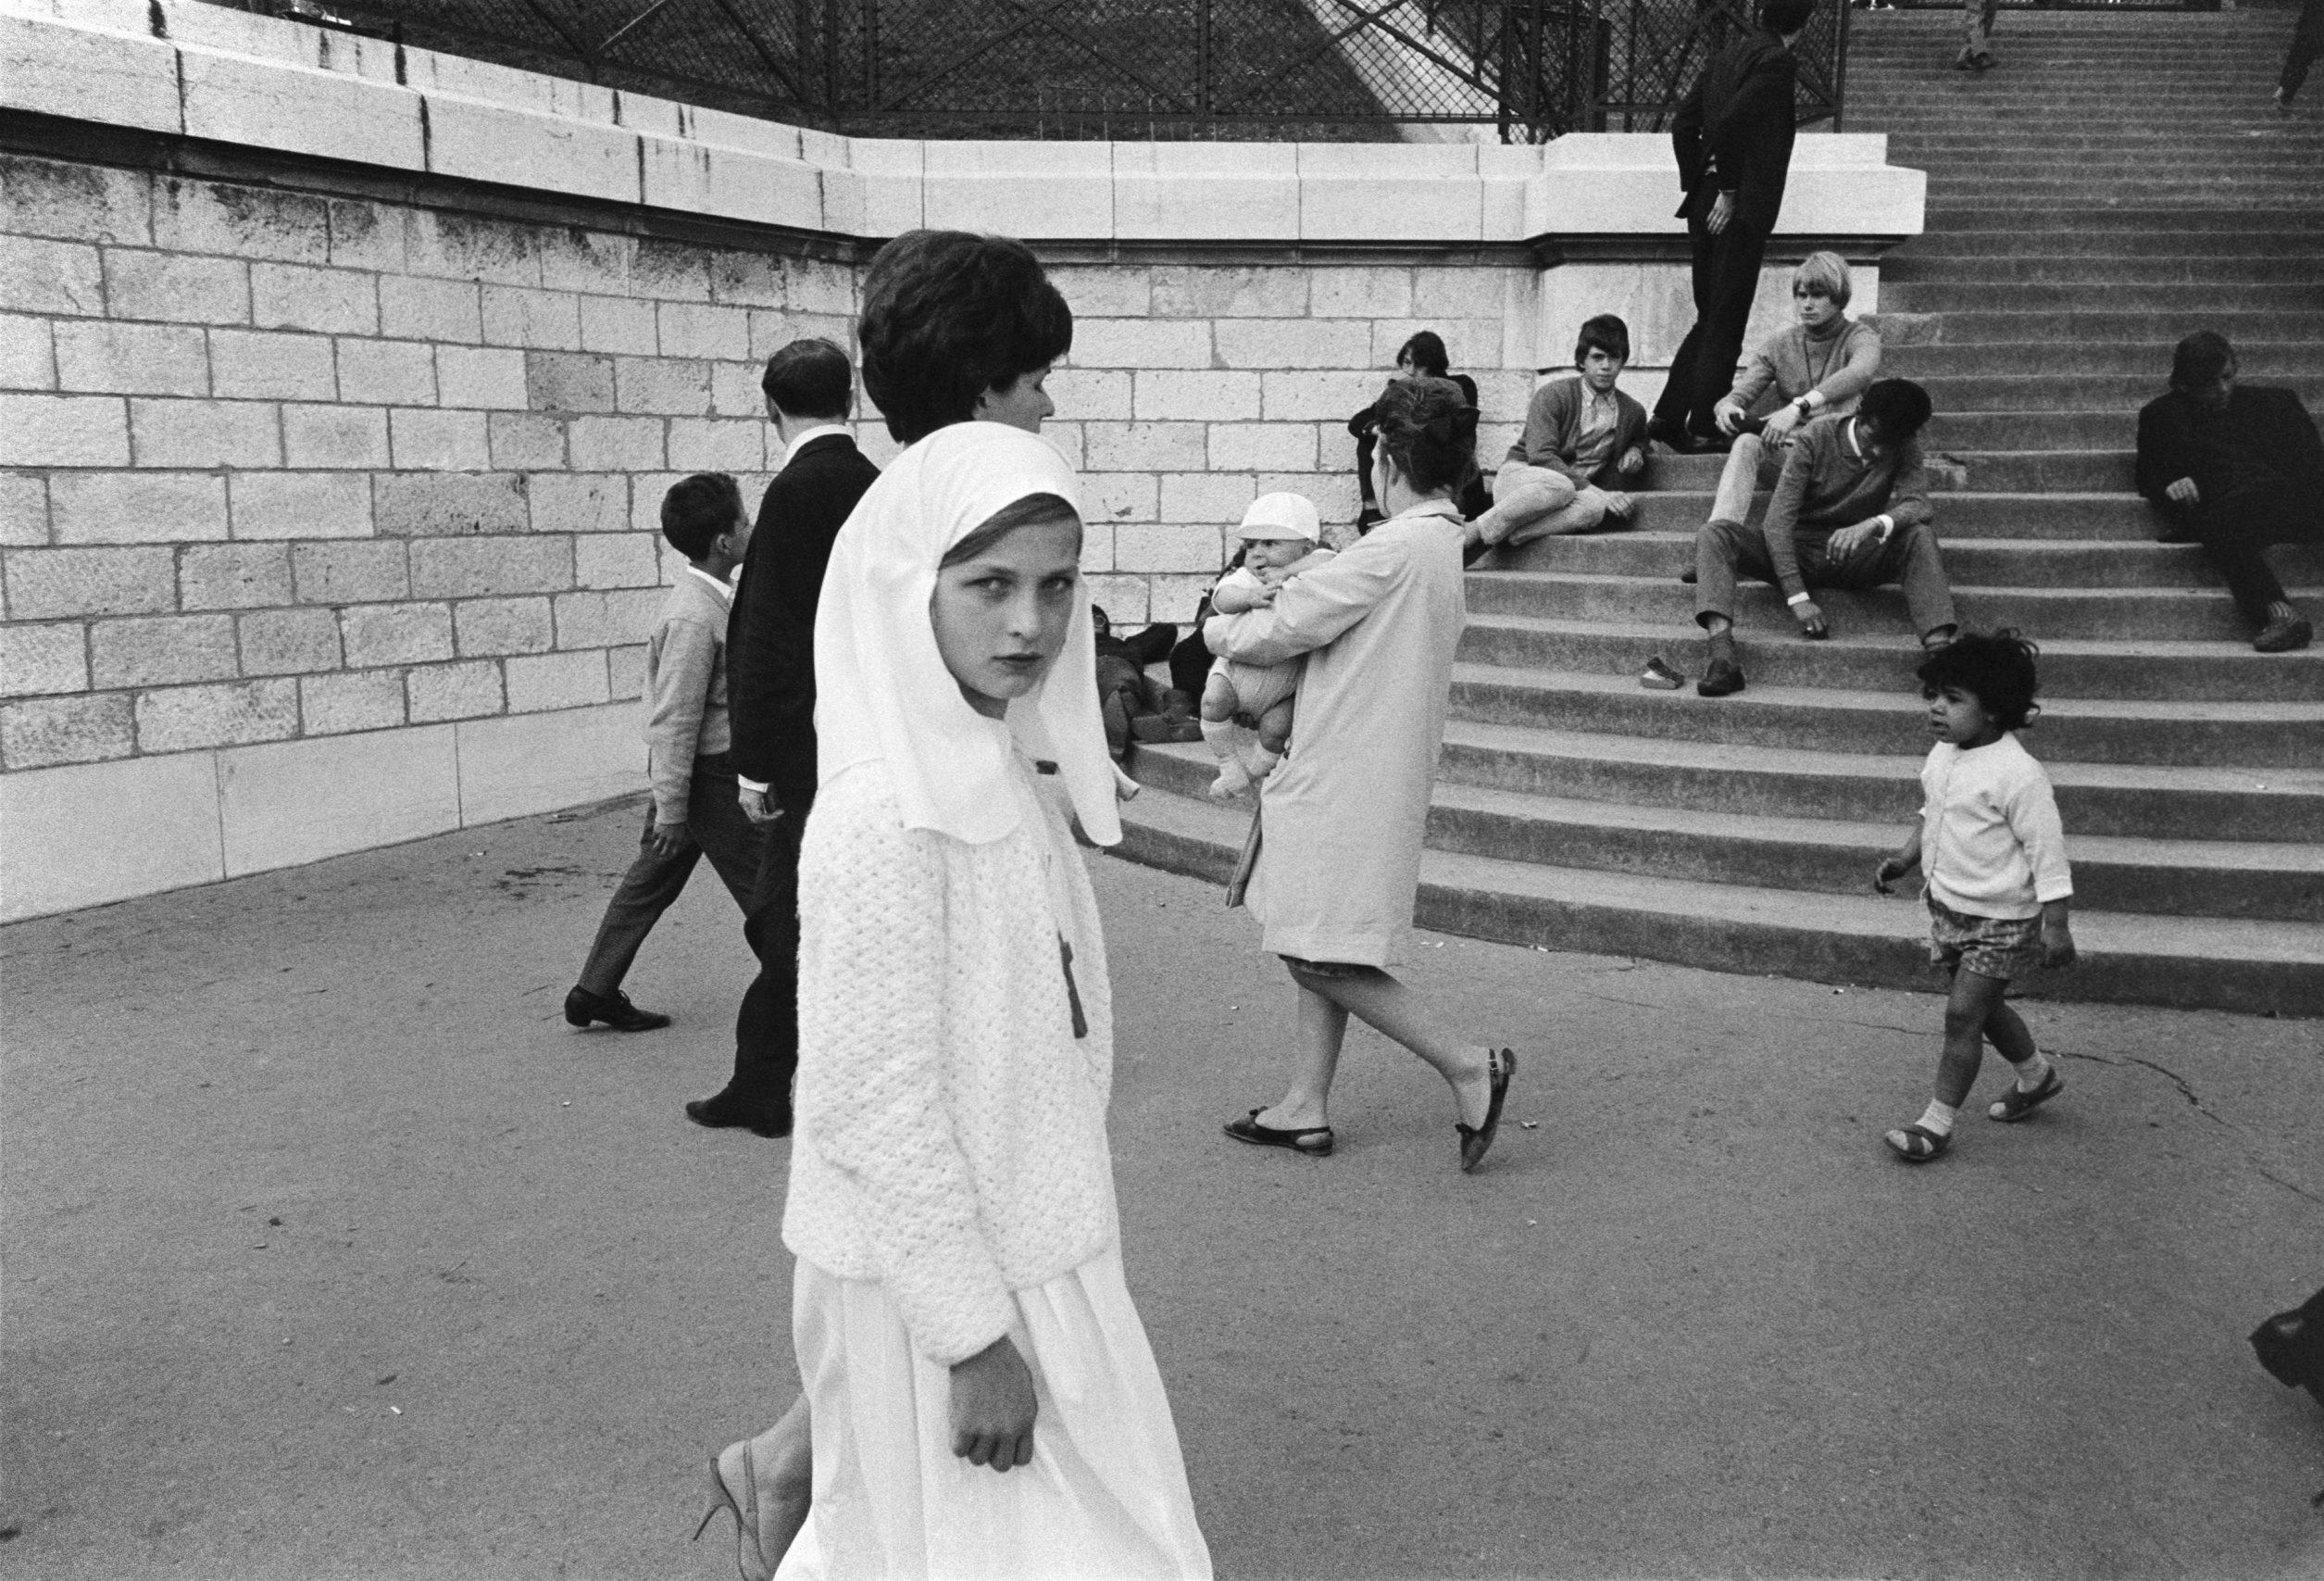 © Joel Meyerowitz, Paris, France, 1967